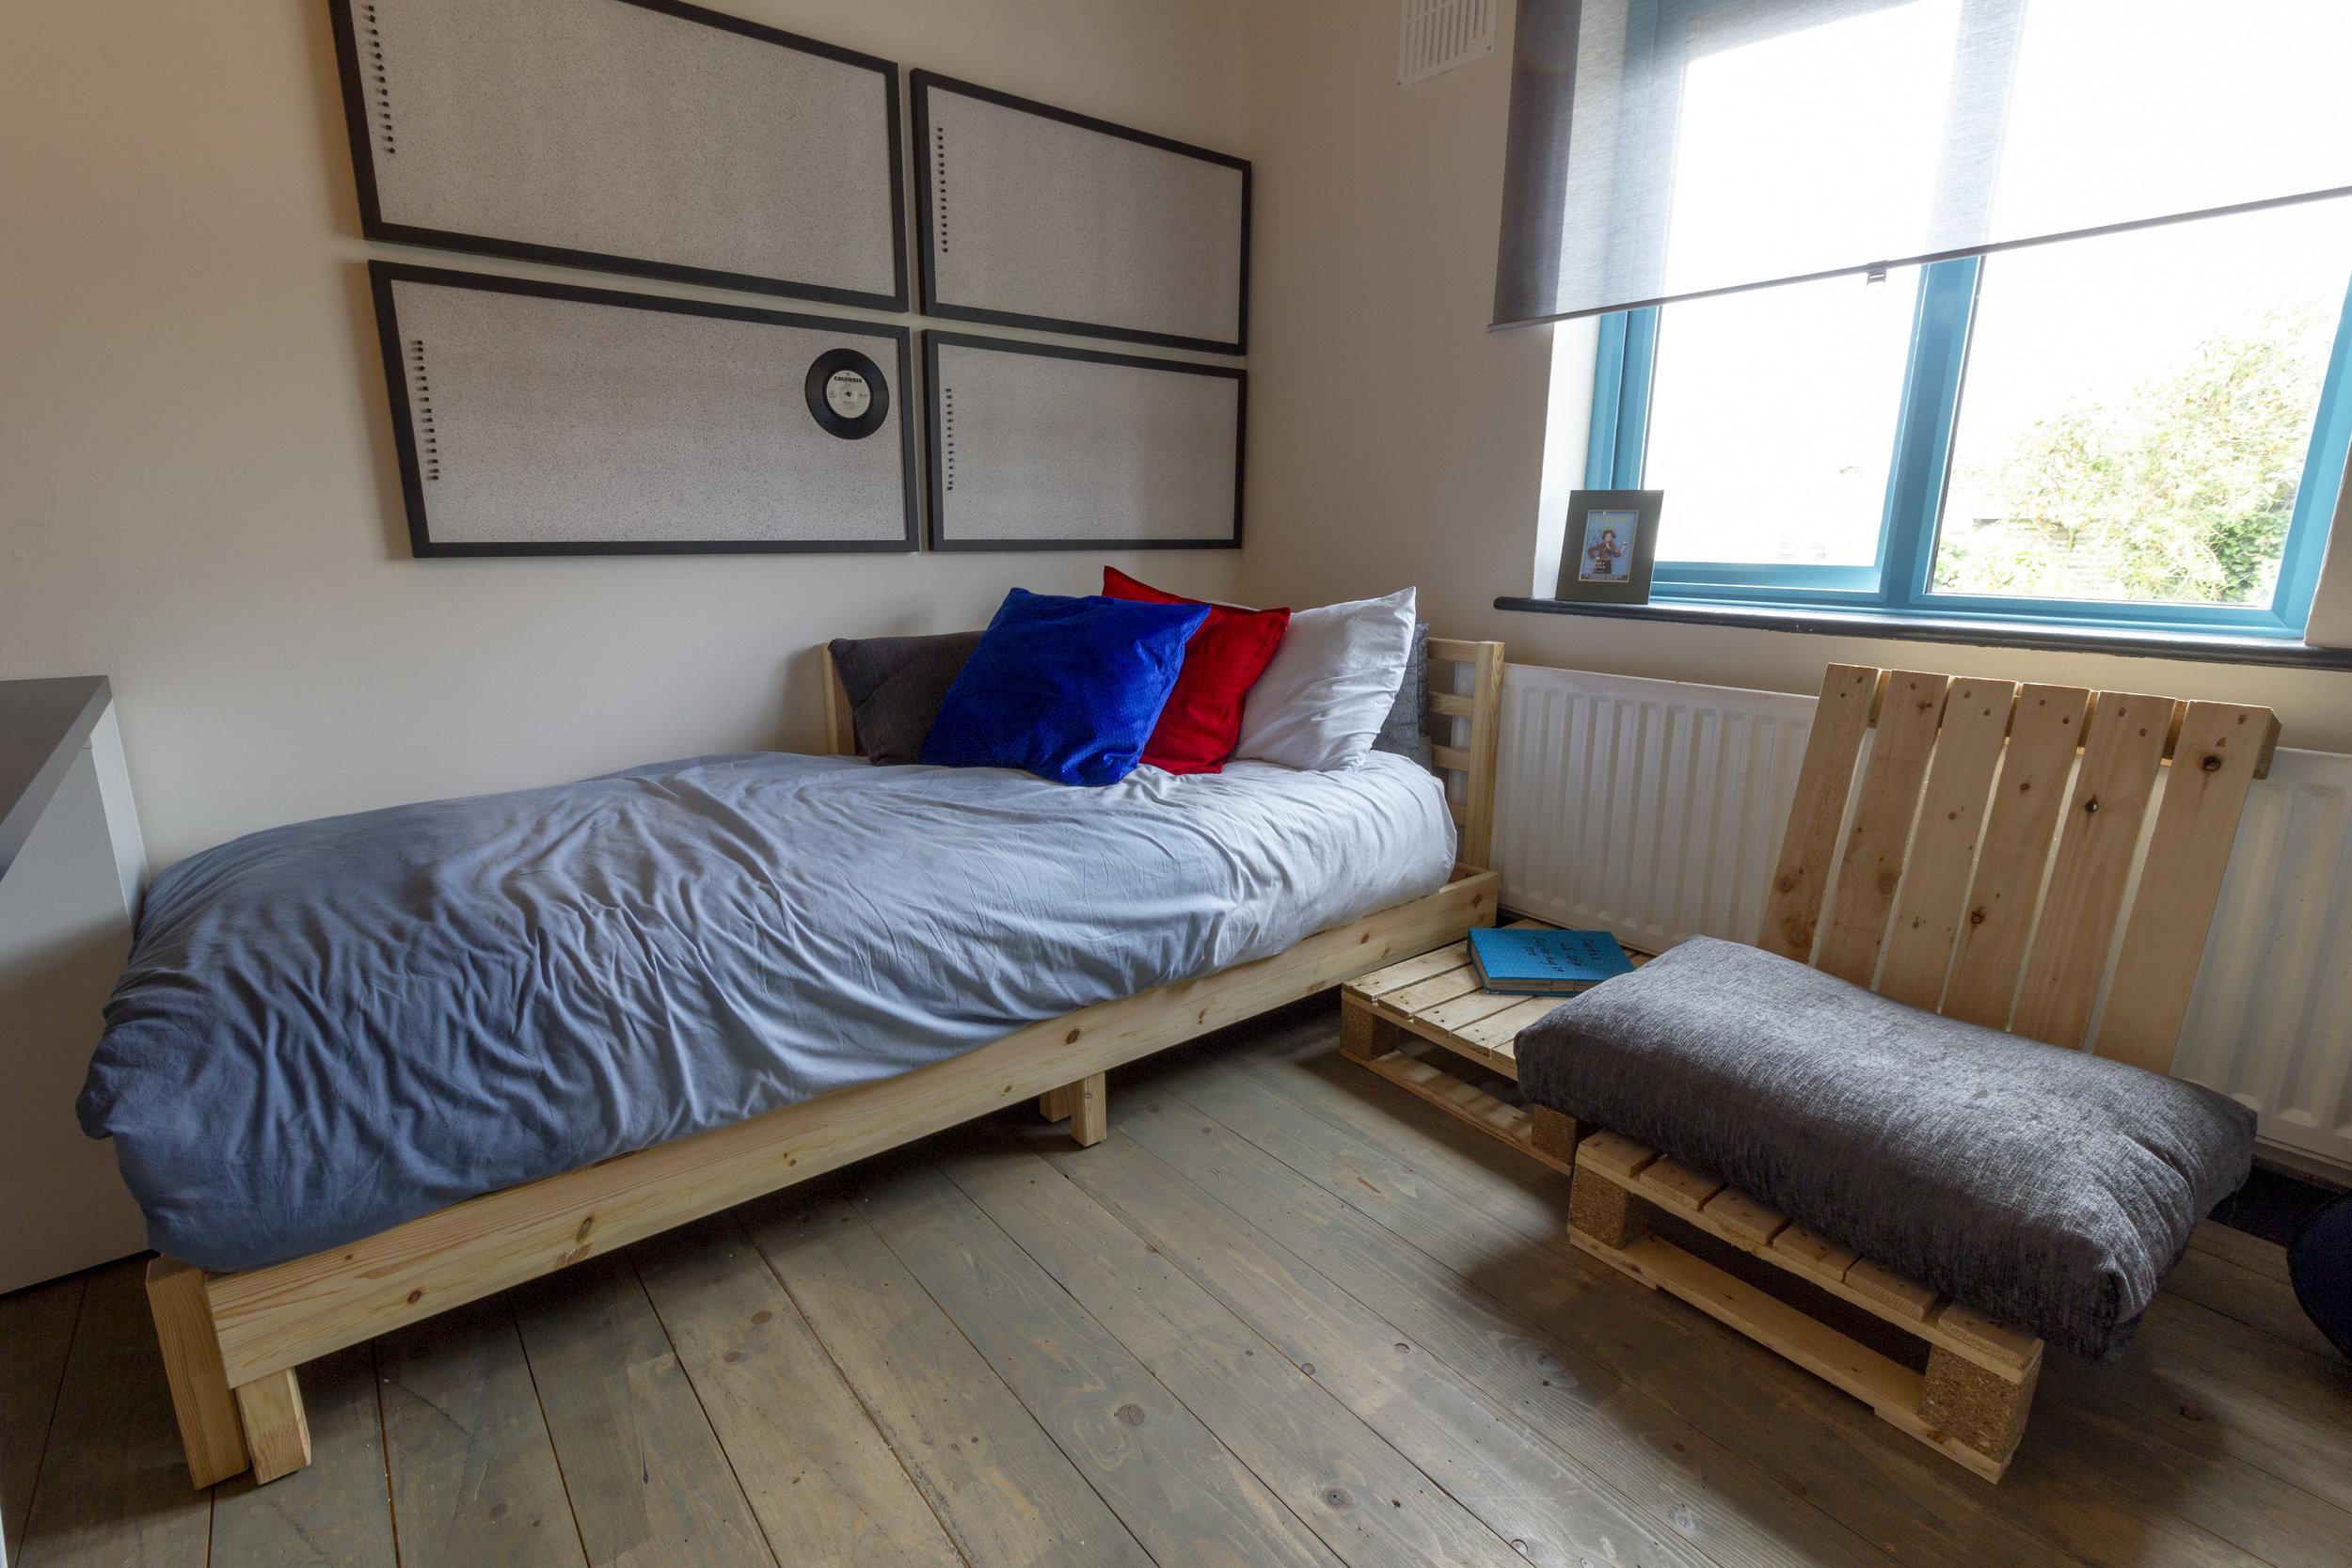 HR - Laytown - After - Bedroom 4.jpg